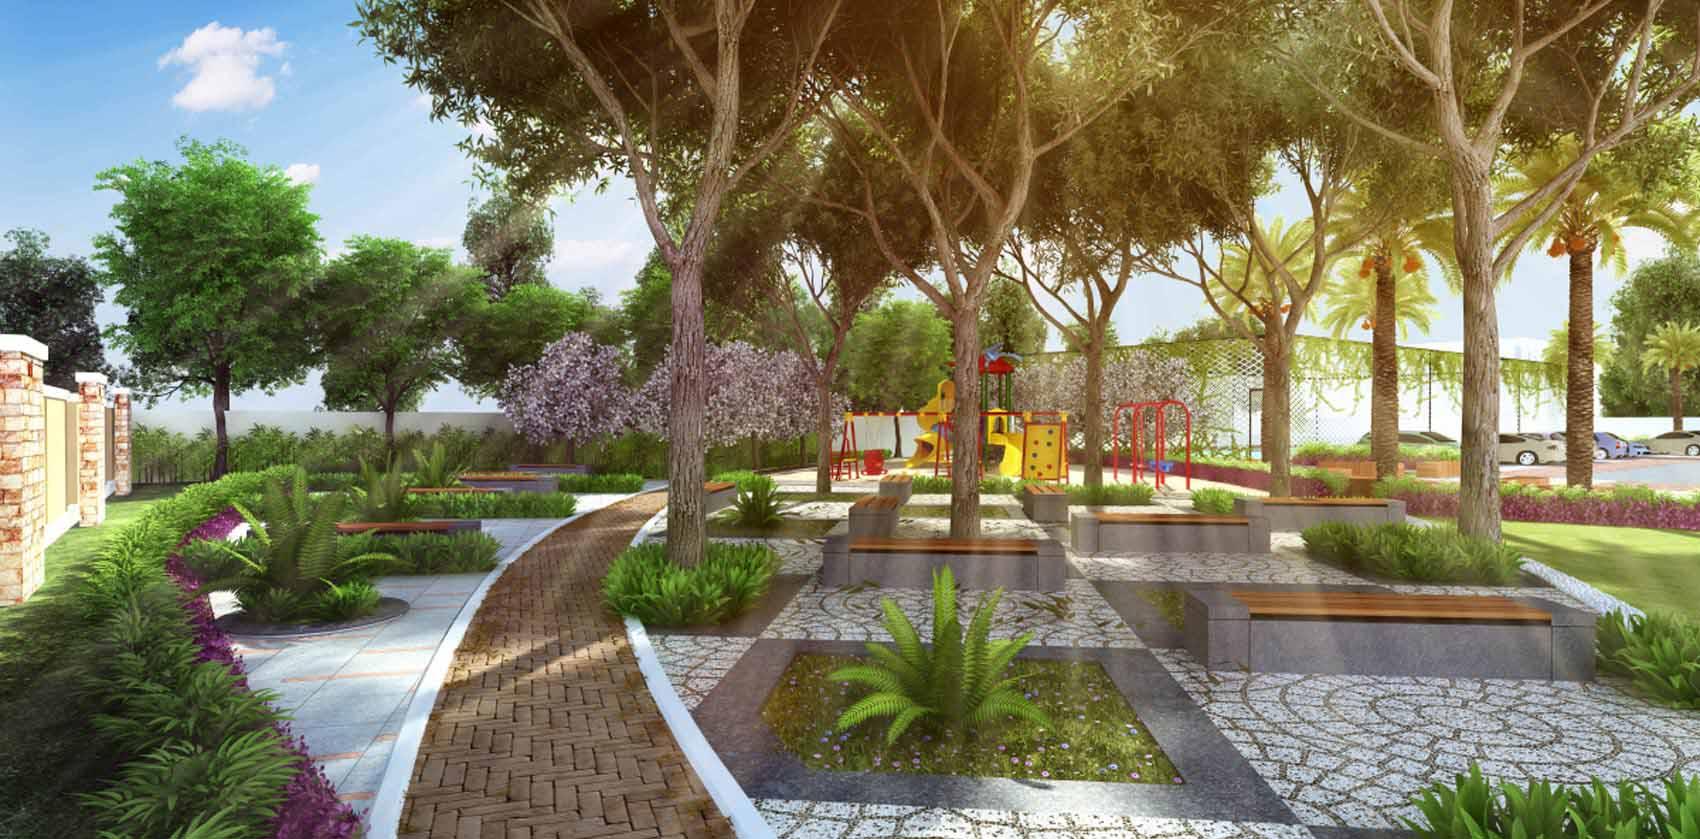 Ardente Pine Grove Rayasandra Bangalore 10810